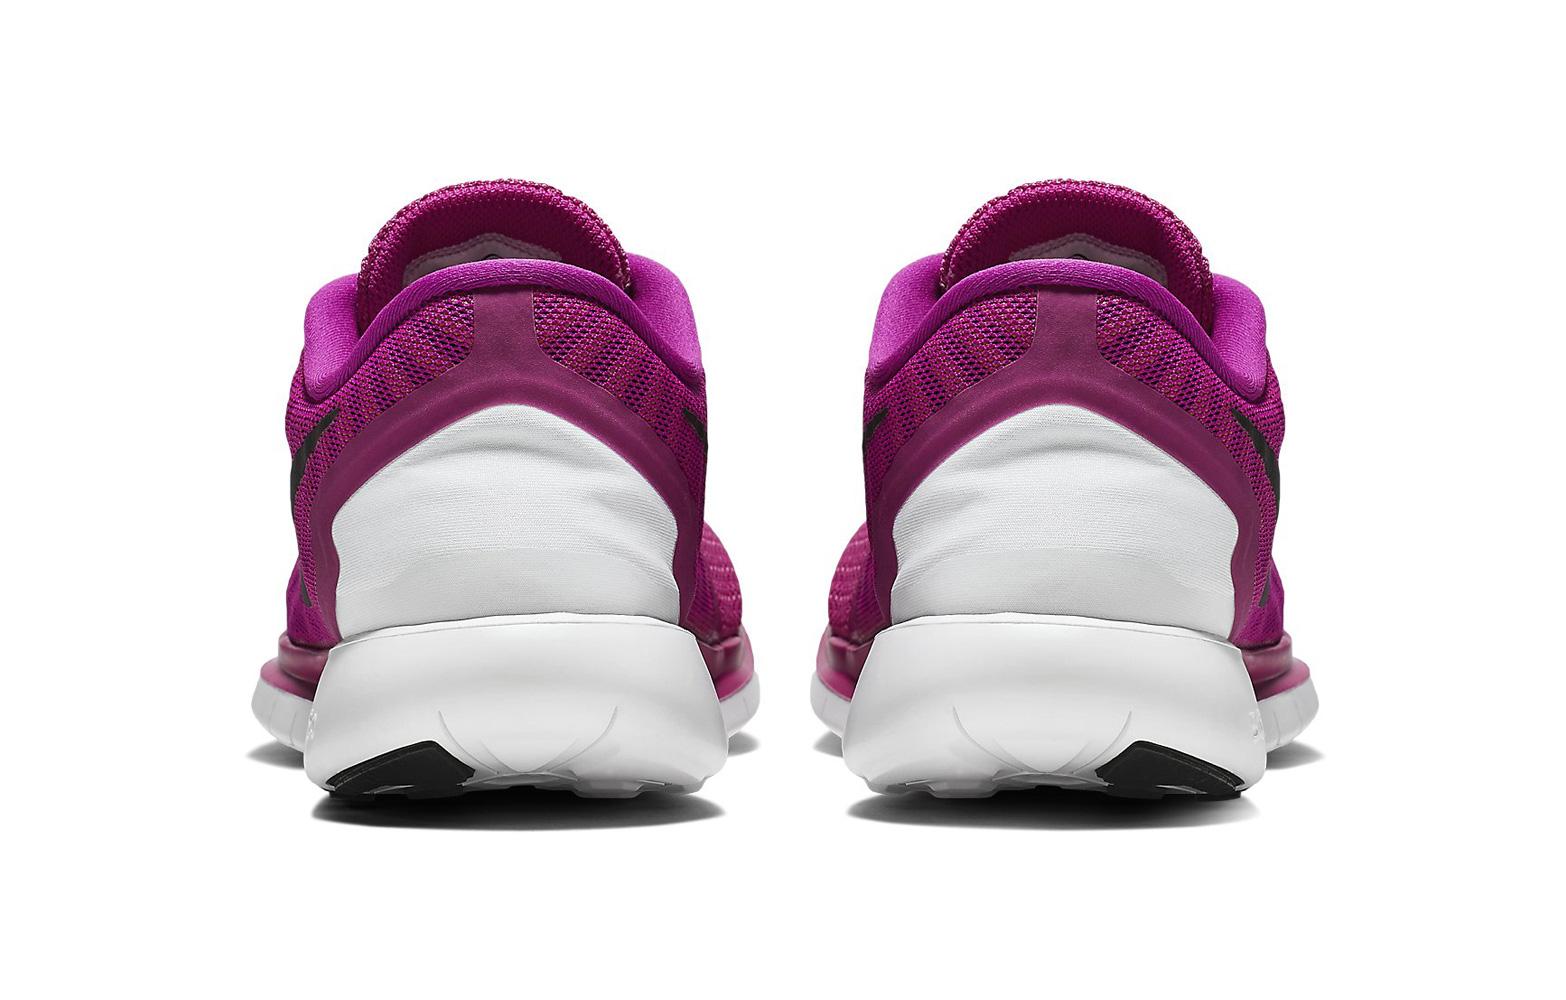 best website d5b23 14e9d Chaussures de Running Femme Nike FREE 5.0 Violet